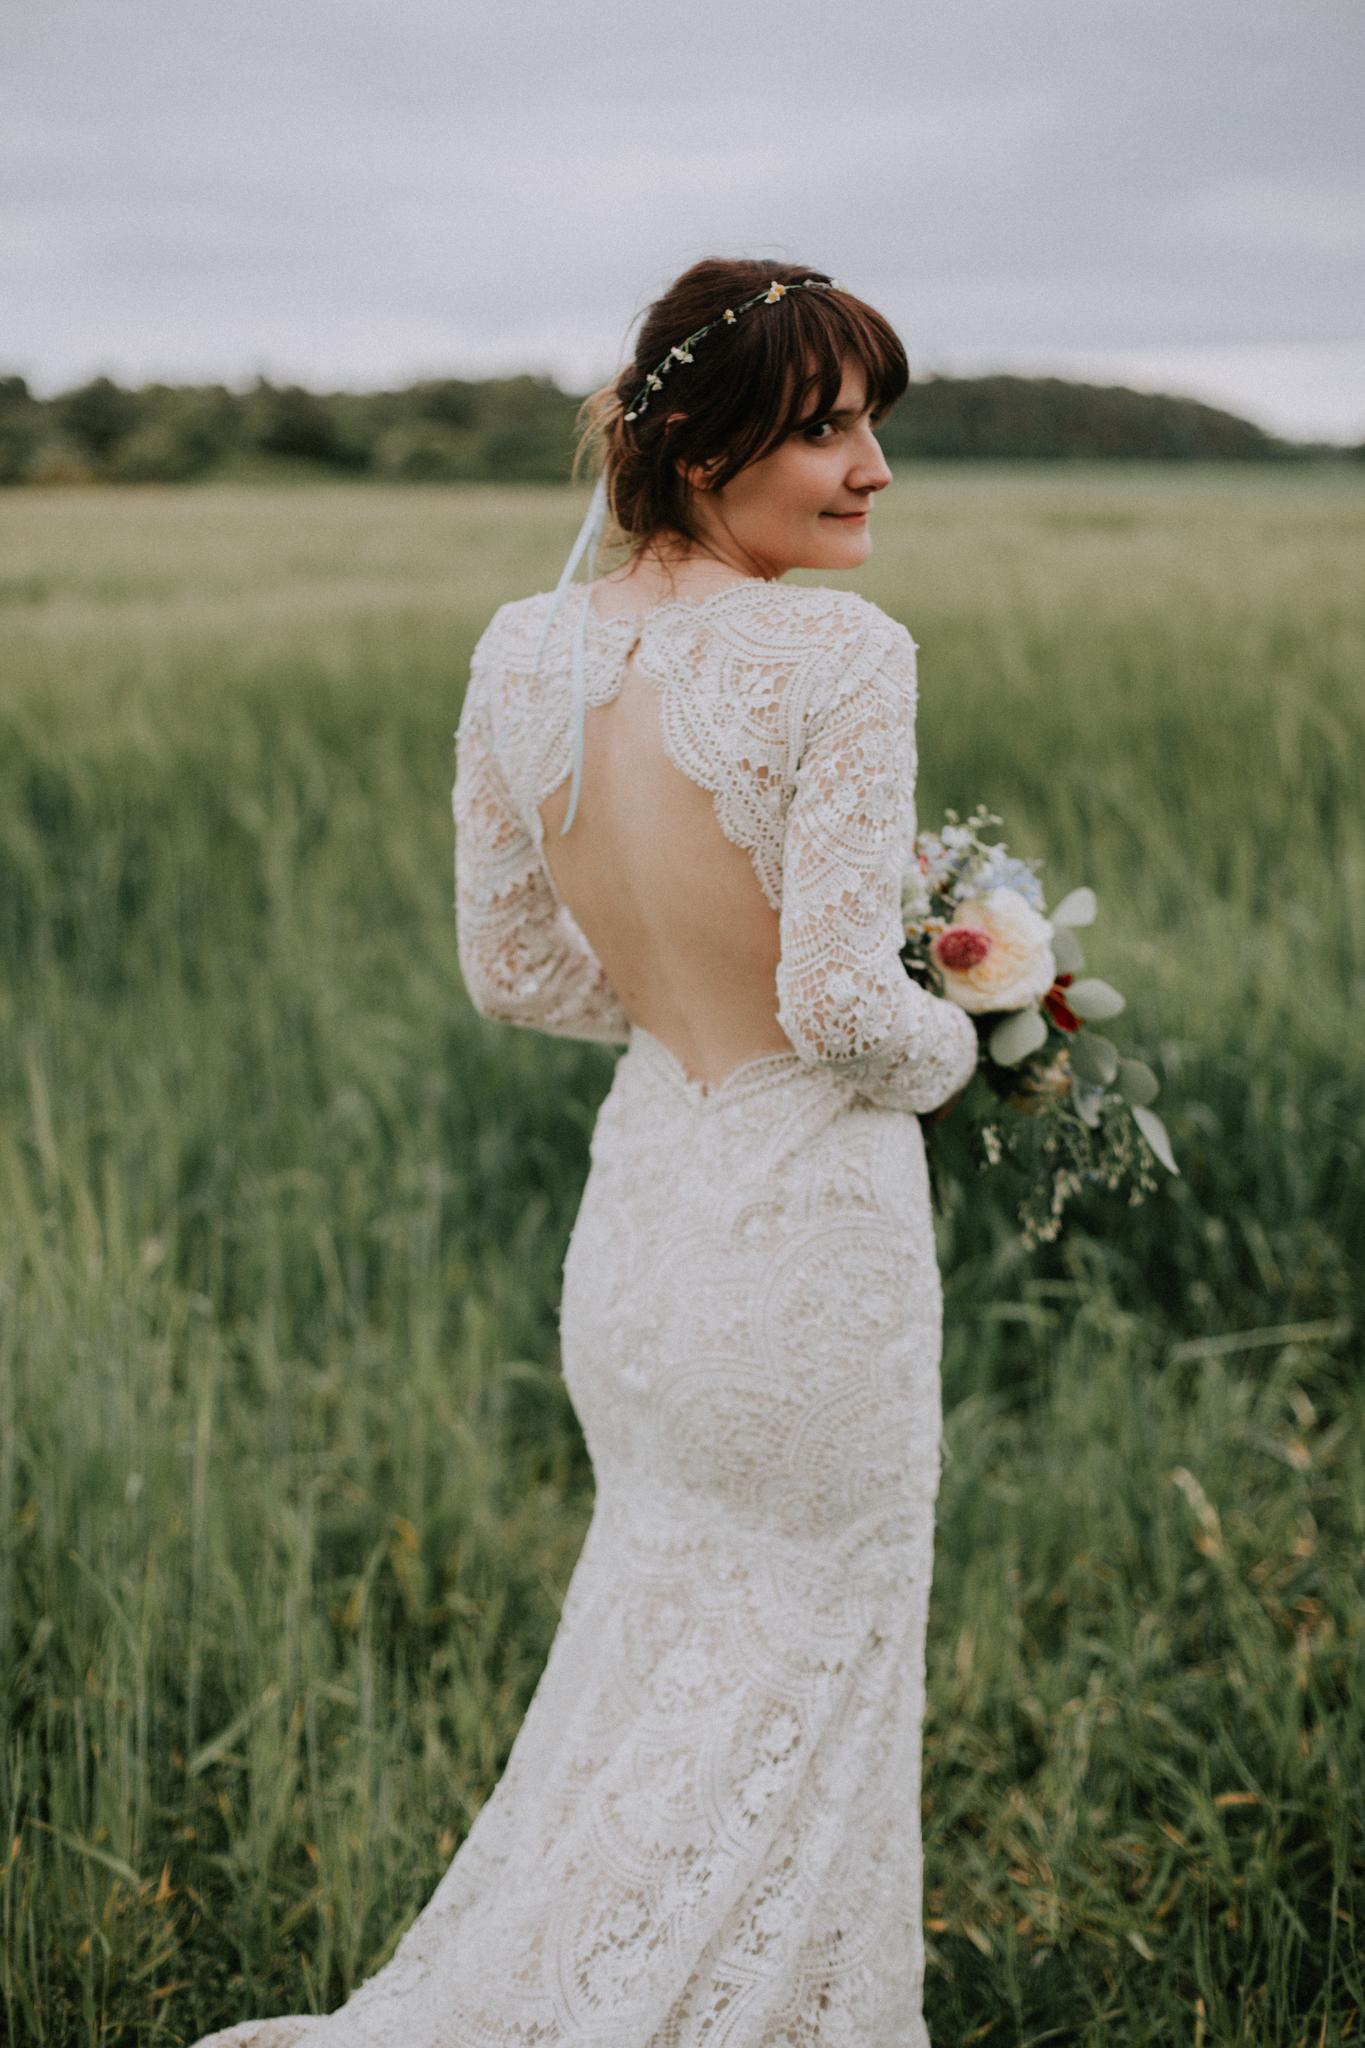 The evening bridal portrait